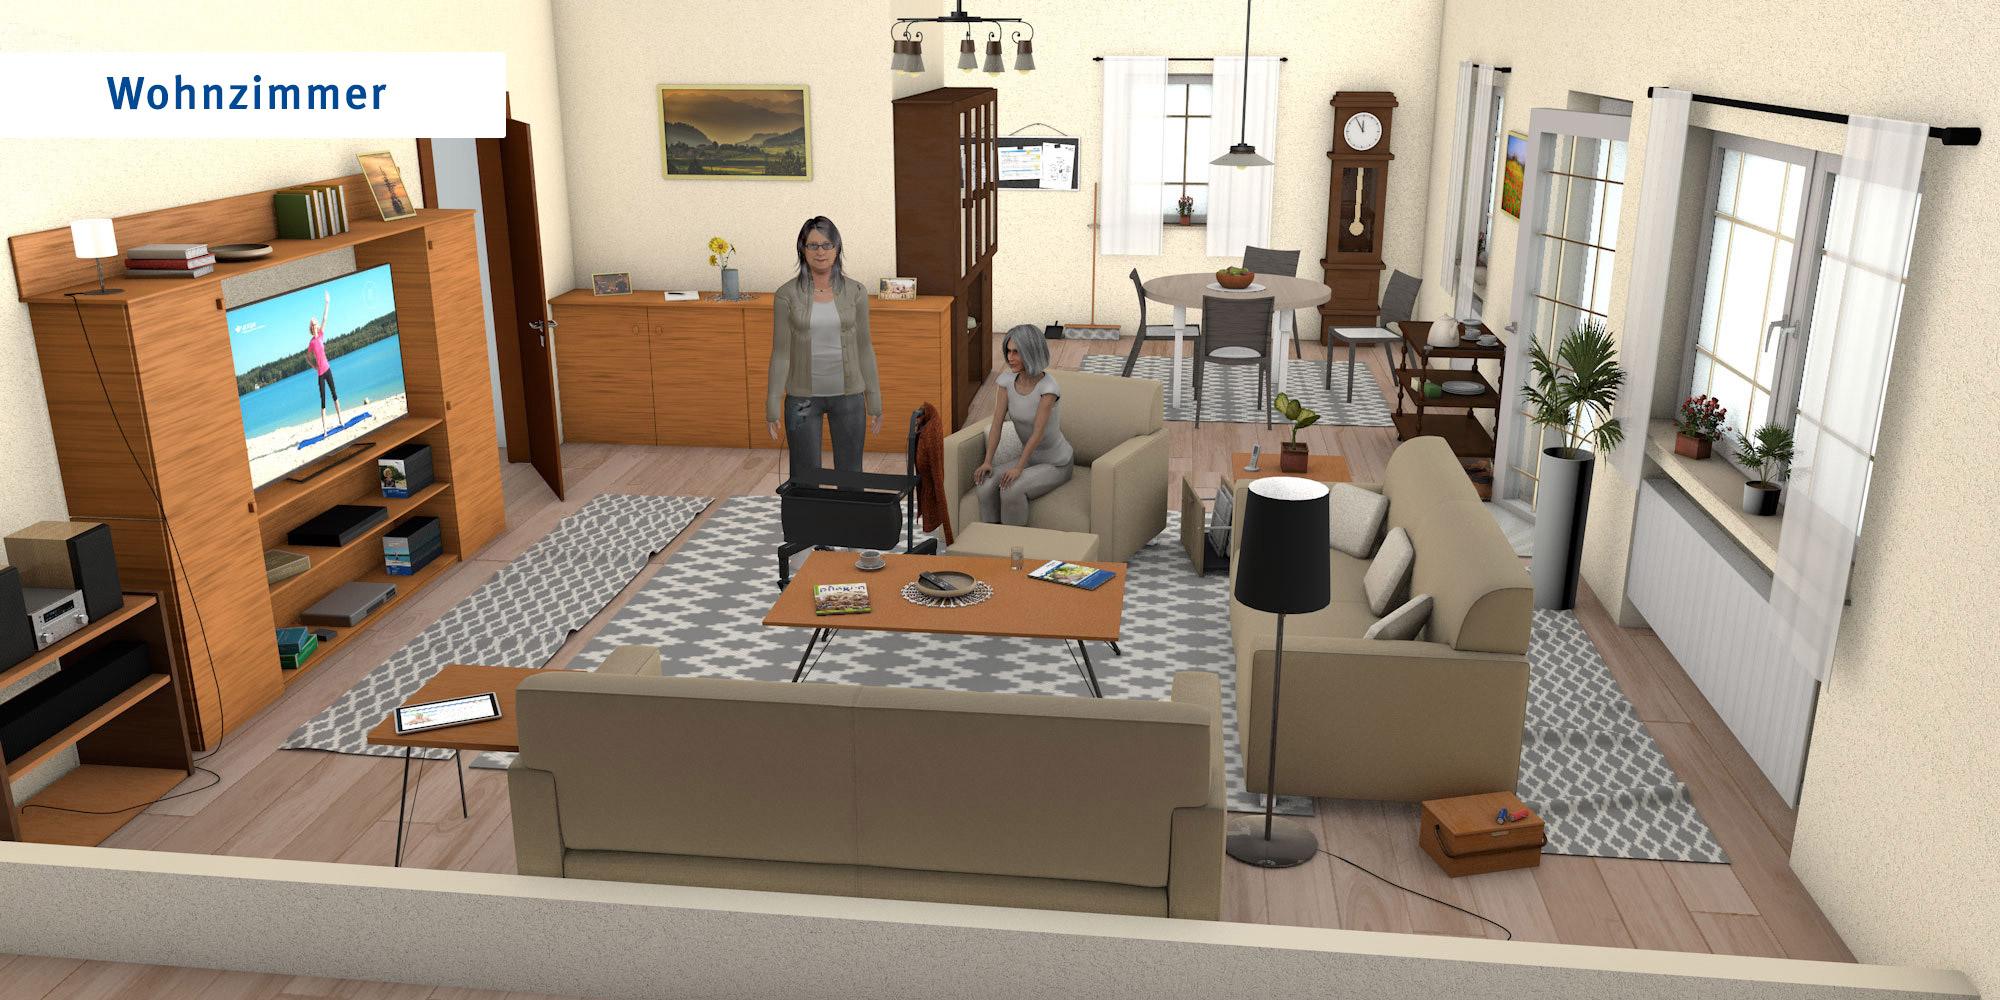 Wohnzimmer - übliche Version